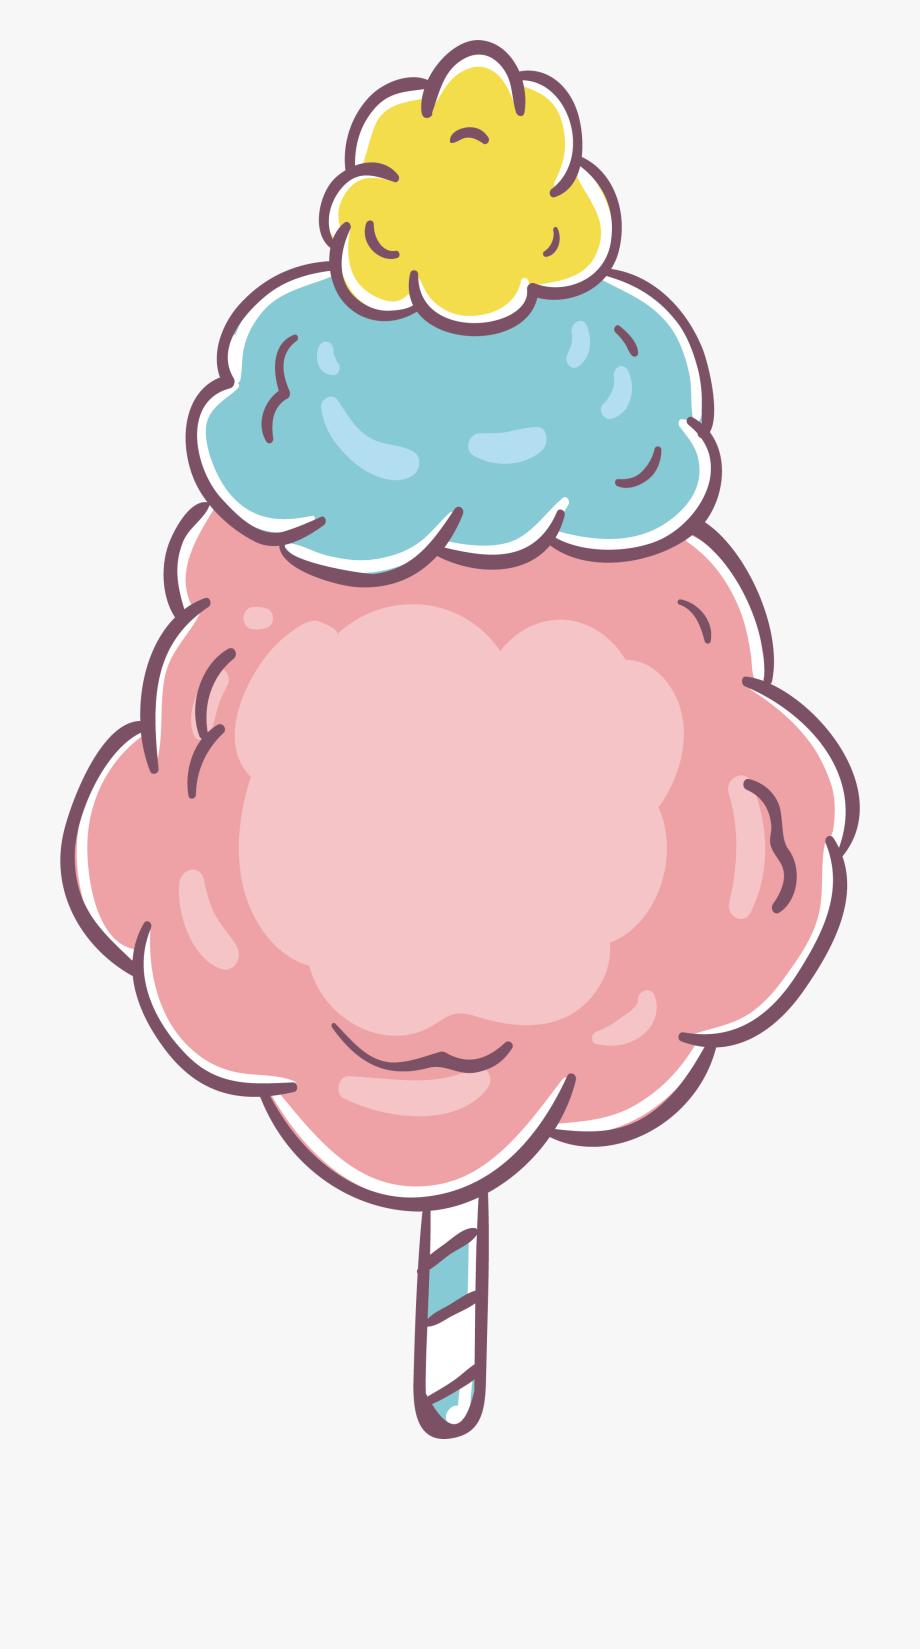 Cotton Candy Lollipop Zefir Sugar.